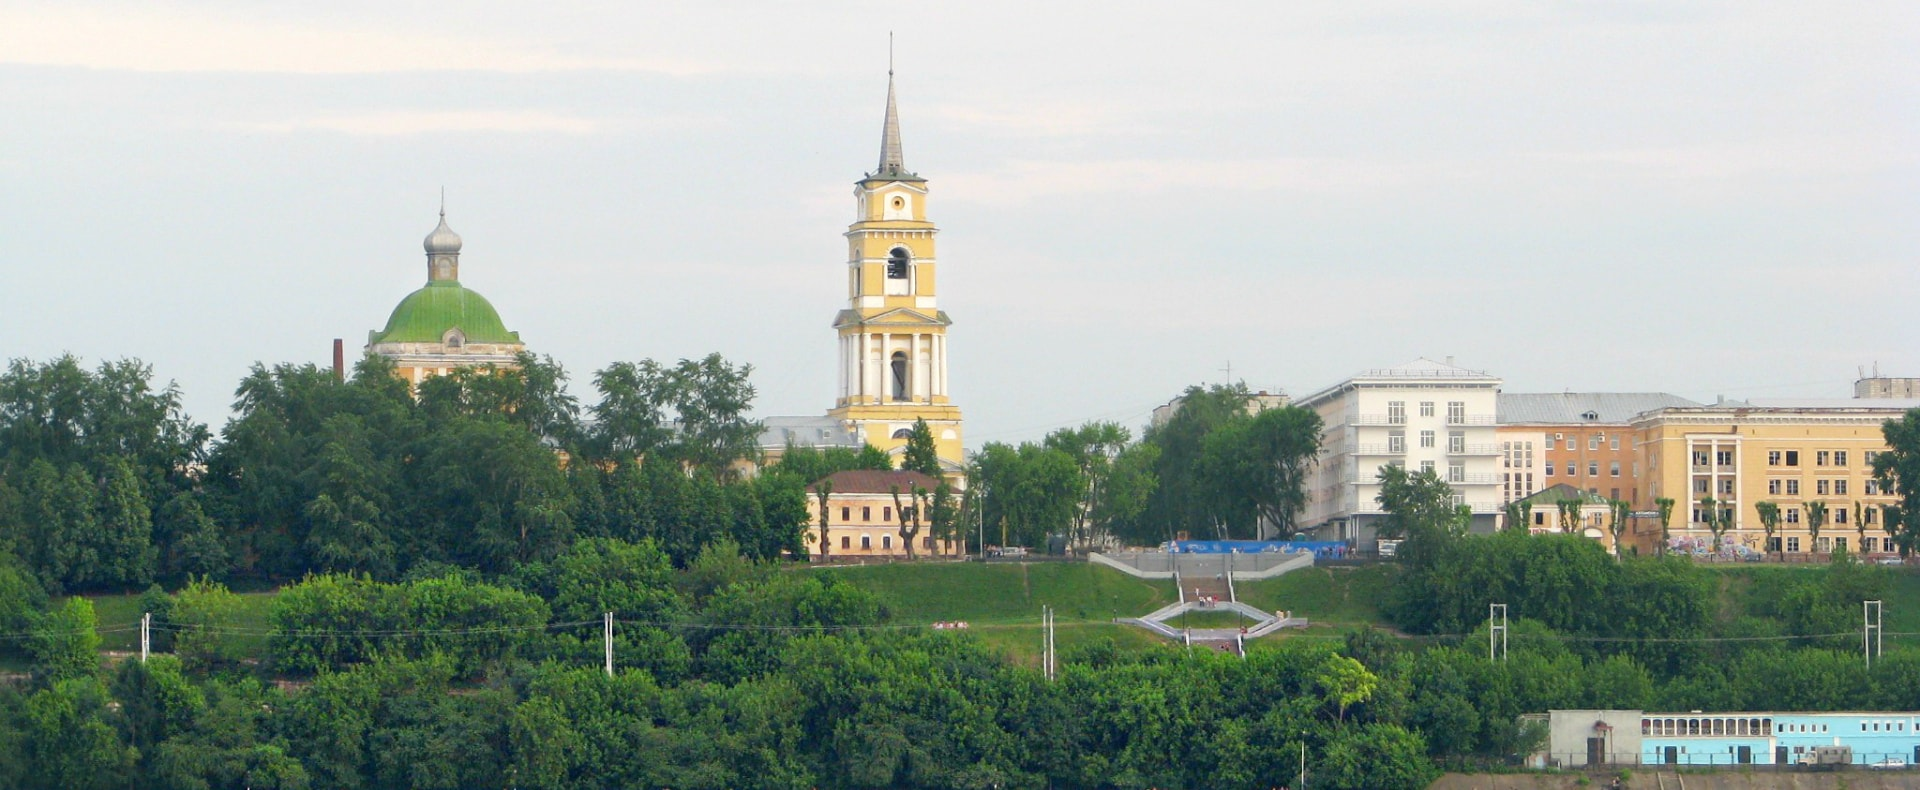 Perm, Russia